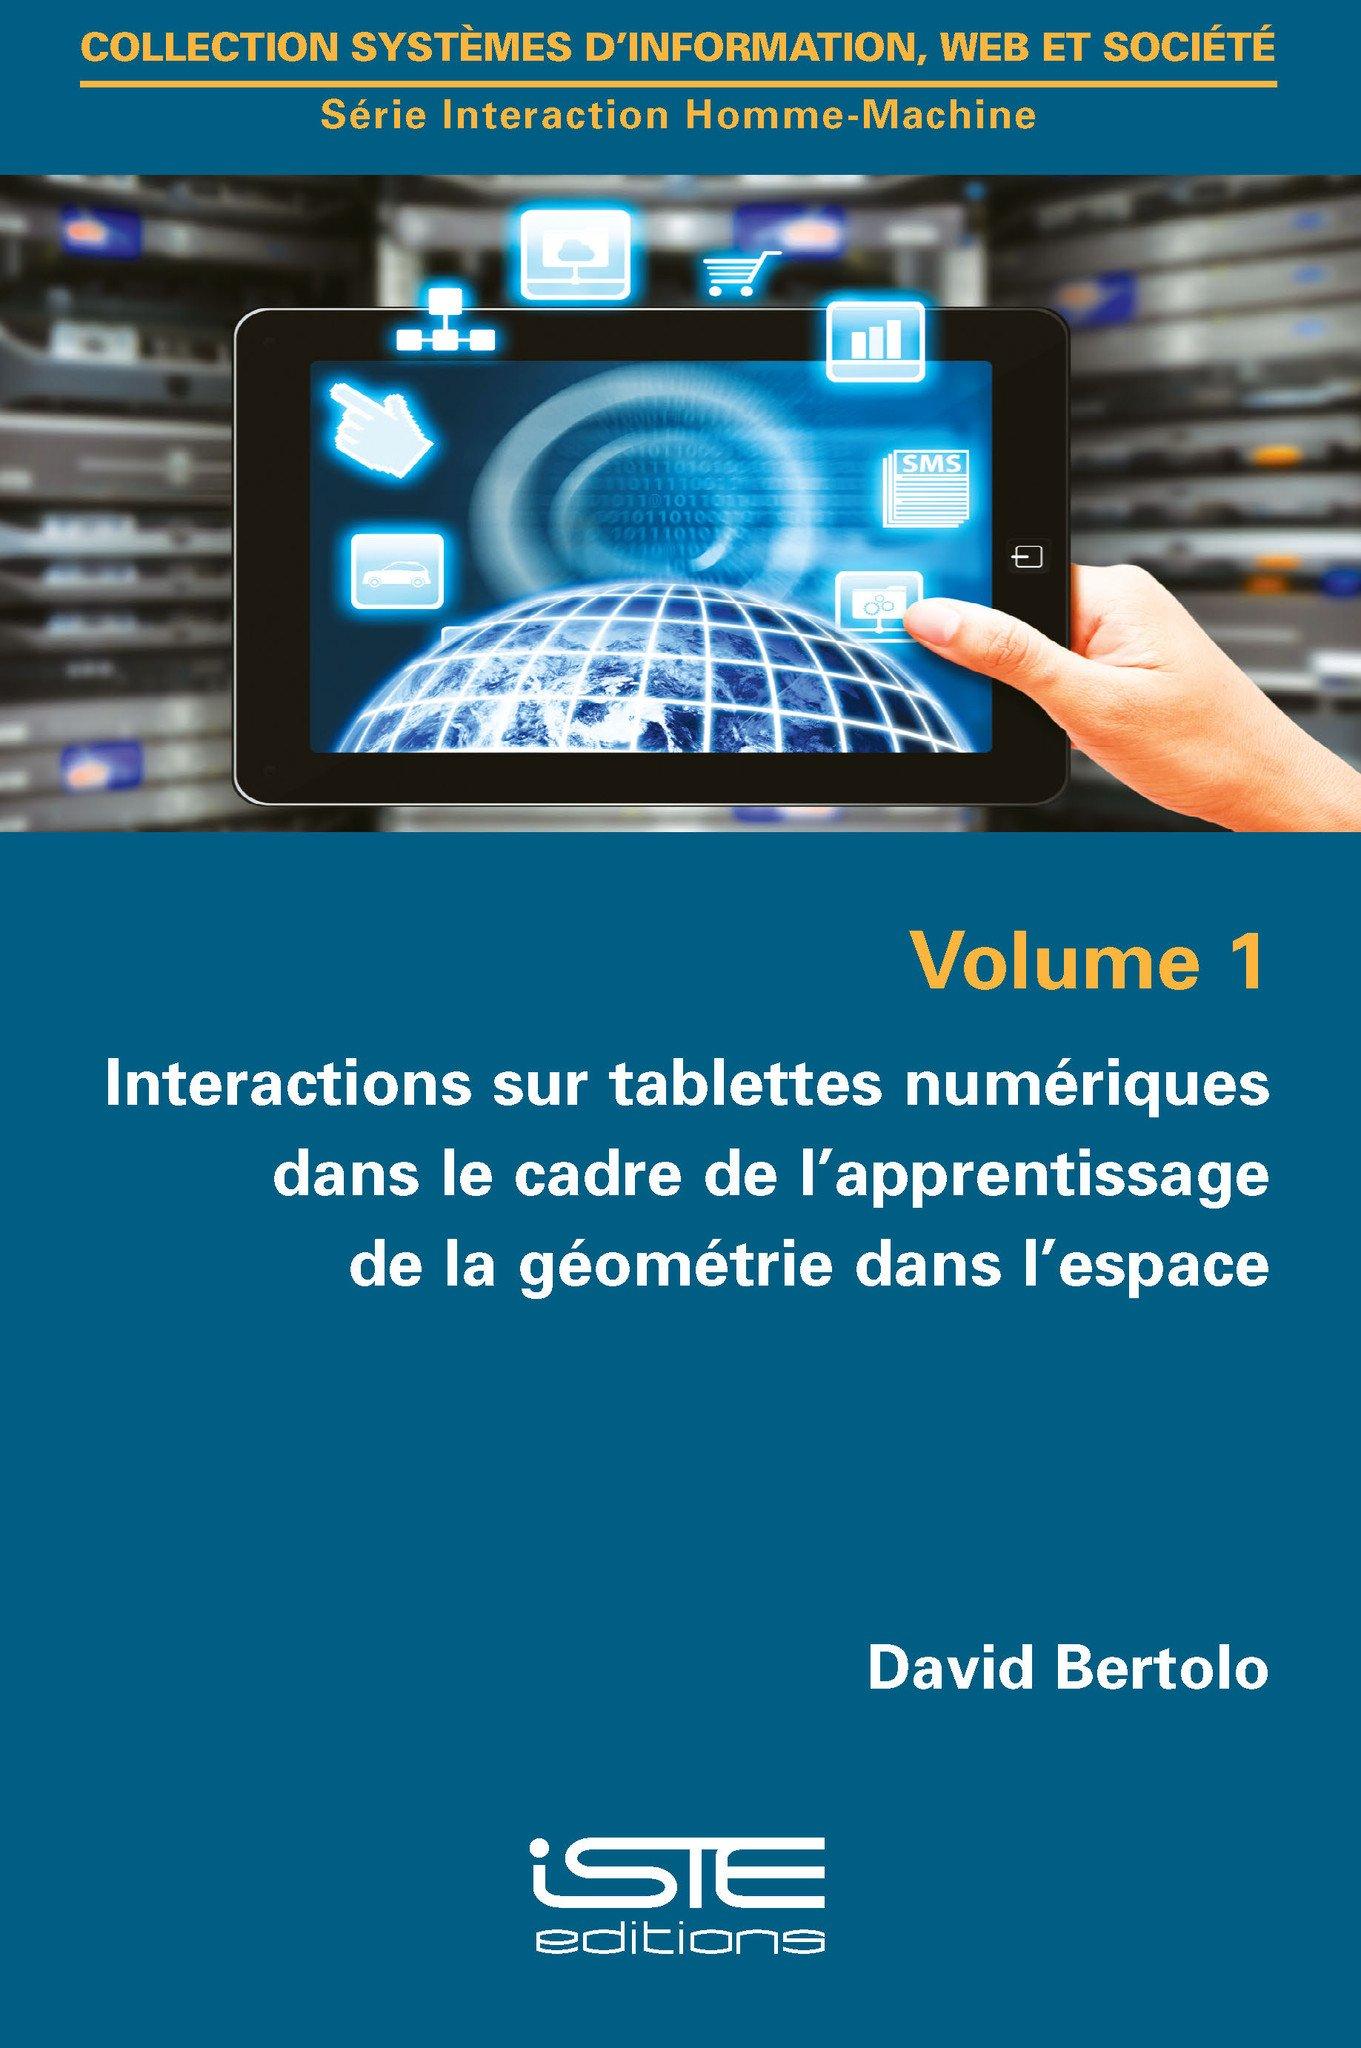 Interactions sur tablettes numériques dans le cadre de l'apprentissage de la géométrie dans l'espace